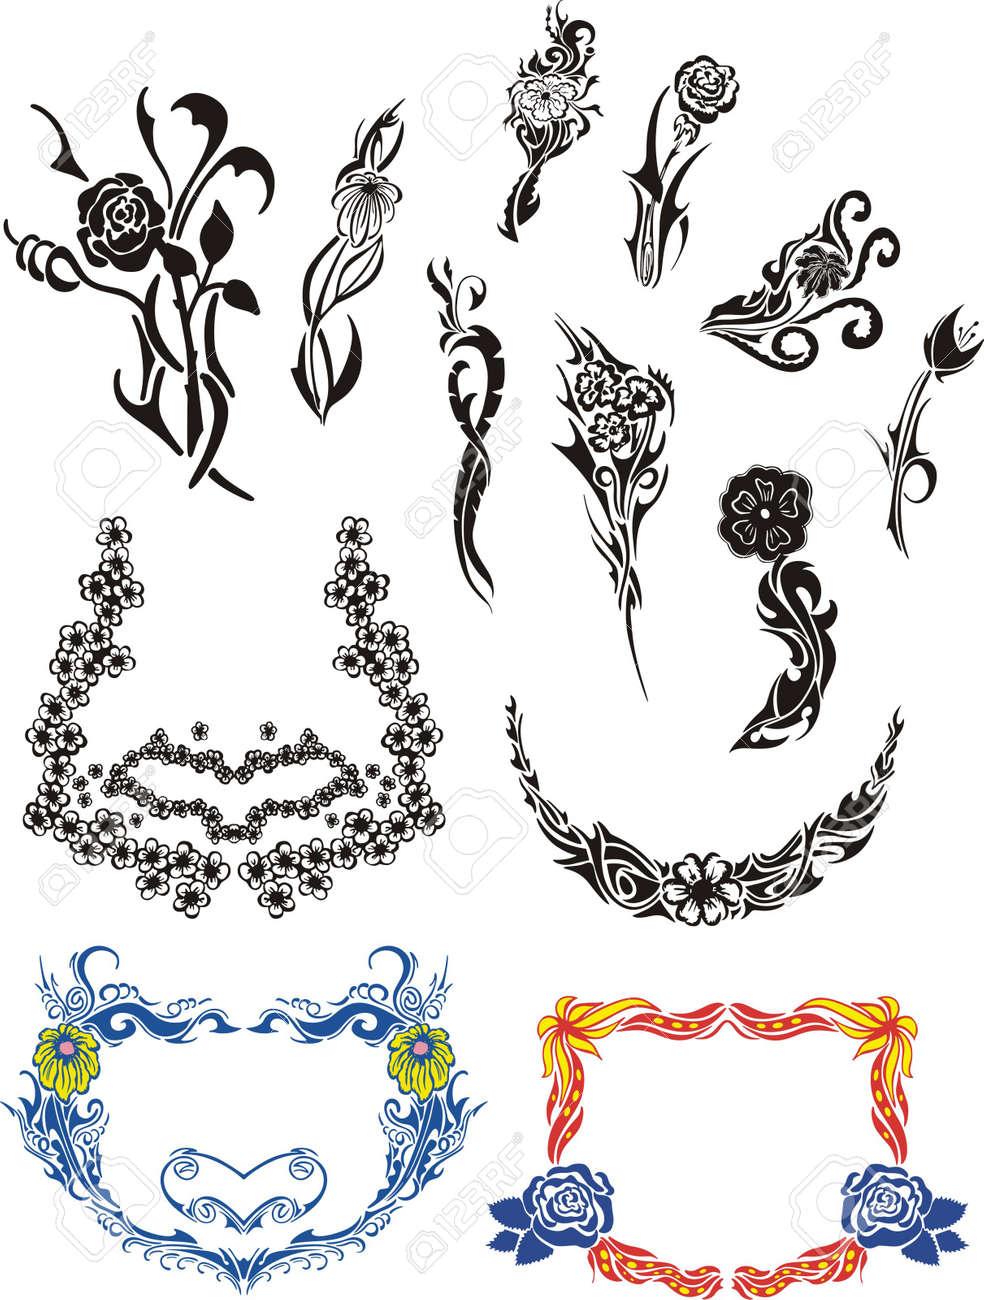 Flower Art Nouveau Patterns Stock Vector - 13572235